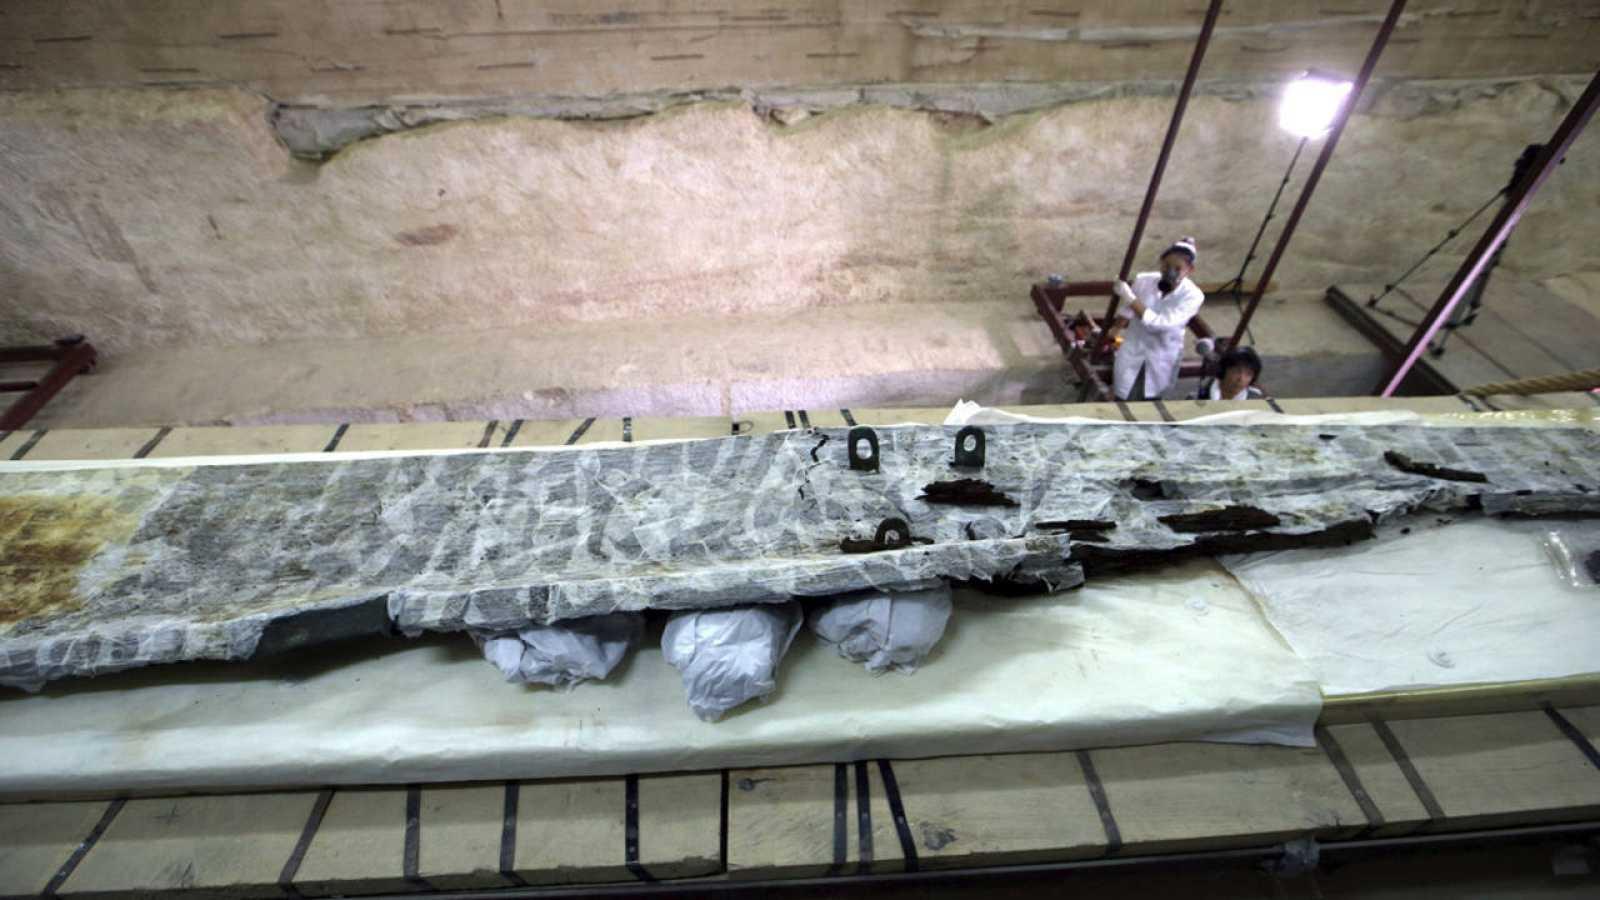 Viga de madera de la segunda barca solar del faraón Keops en Guiza